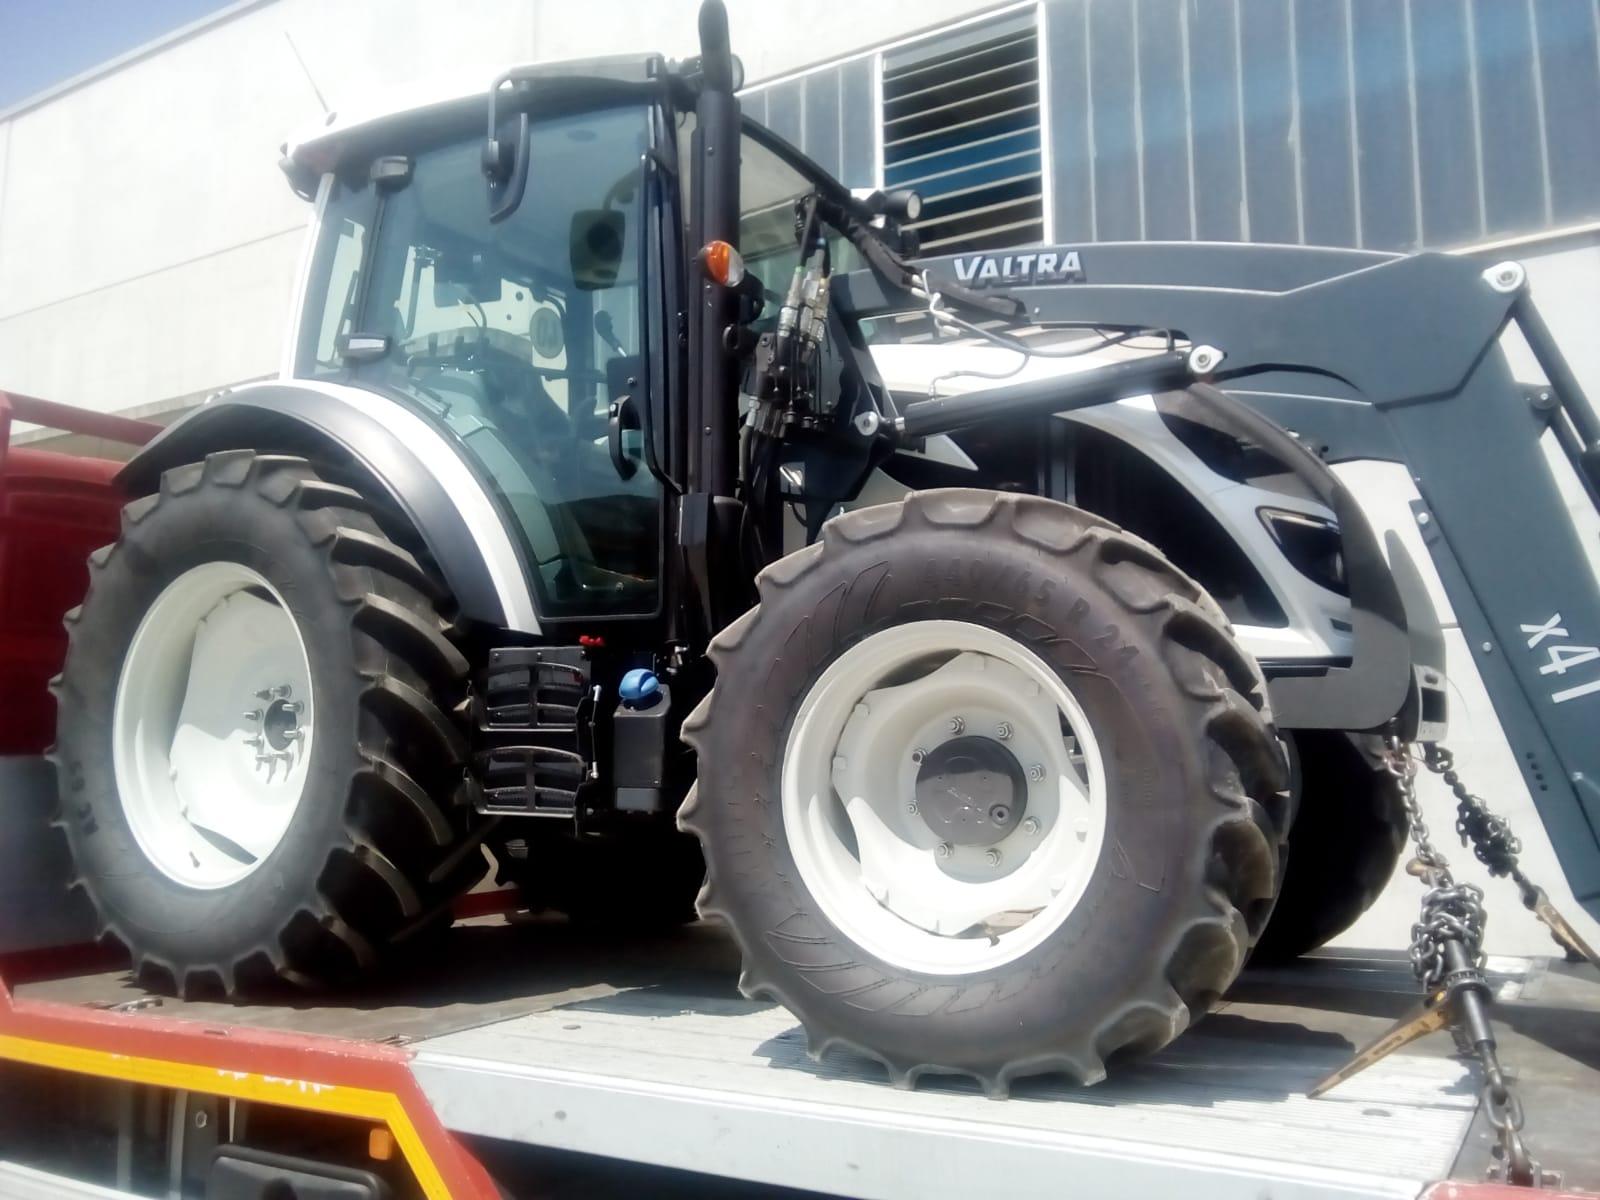 Consegnato VALTRA serie A84 🚜 a Mina Giuseppe Marene (Cn)